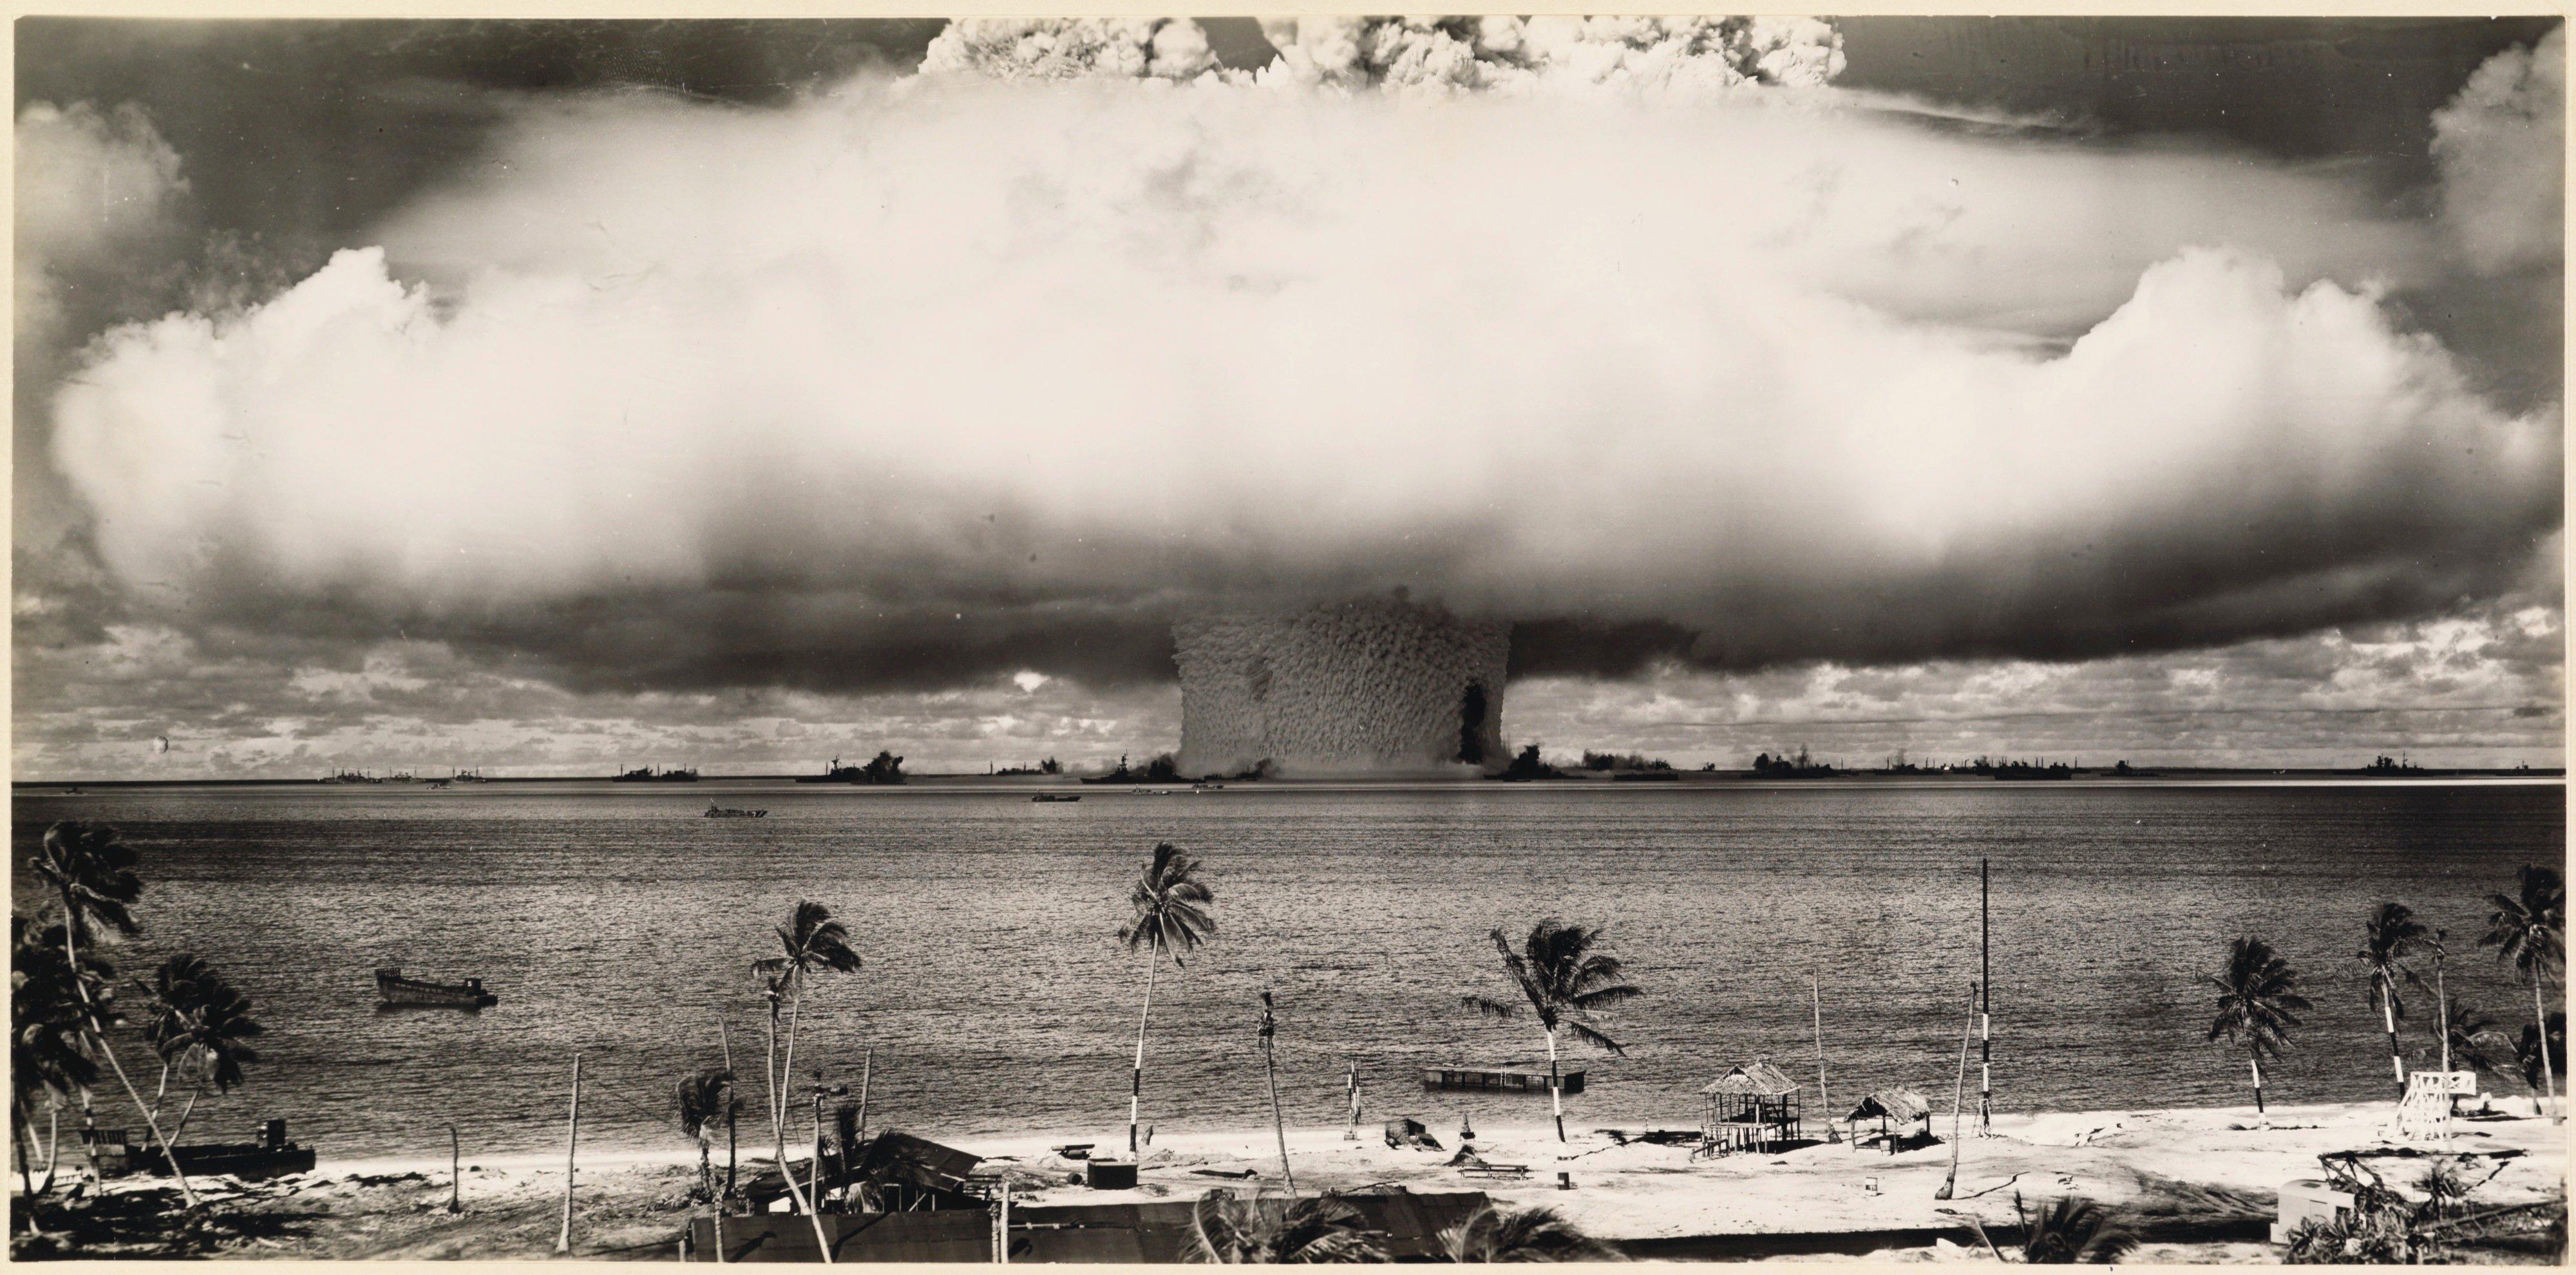 Detonación en el Atolón Bikini, Islas Marshall, Pacífico, 1946